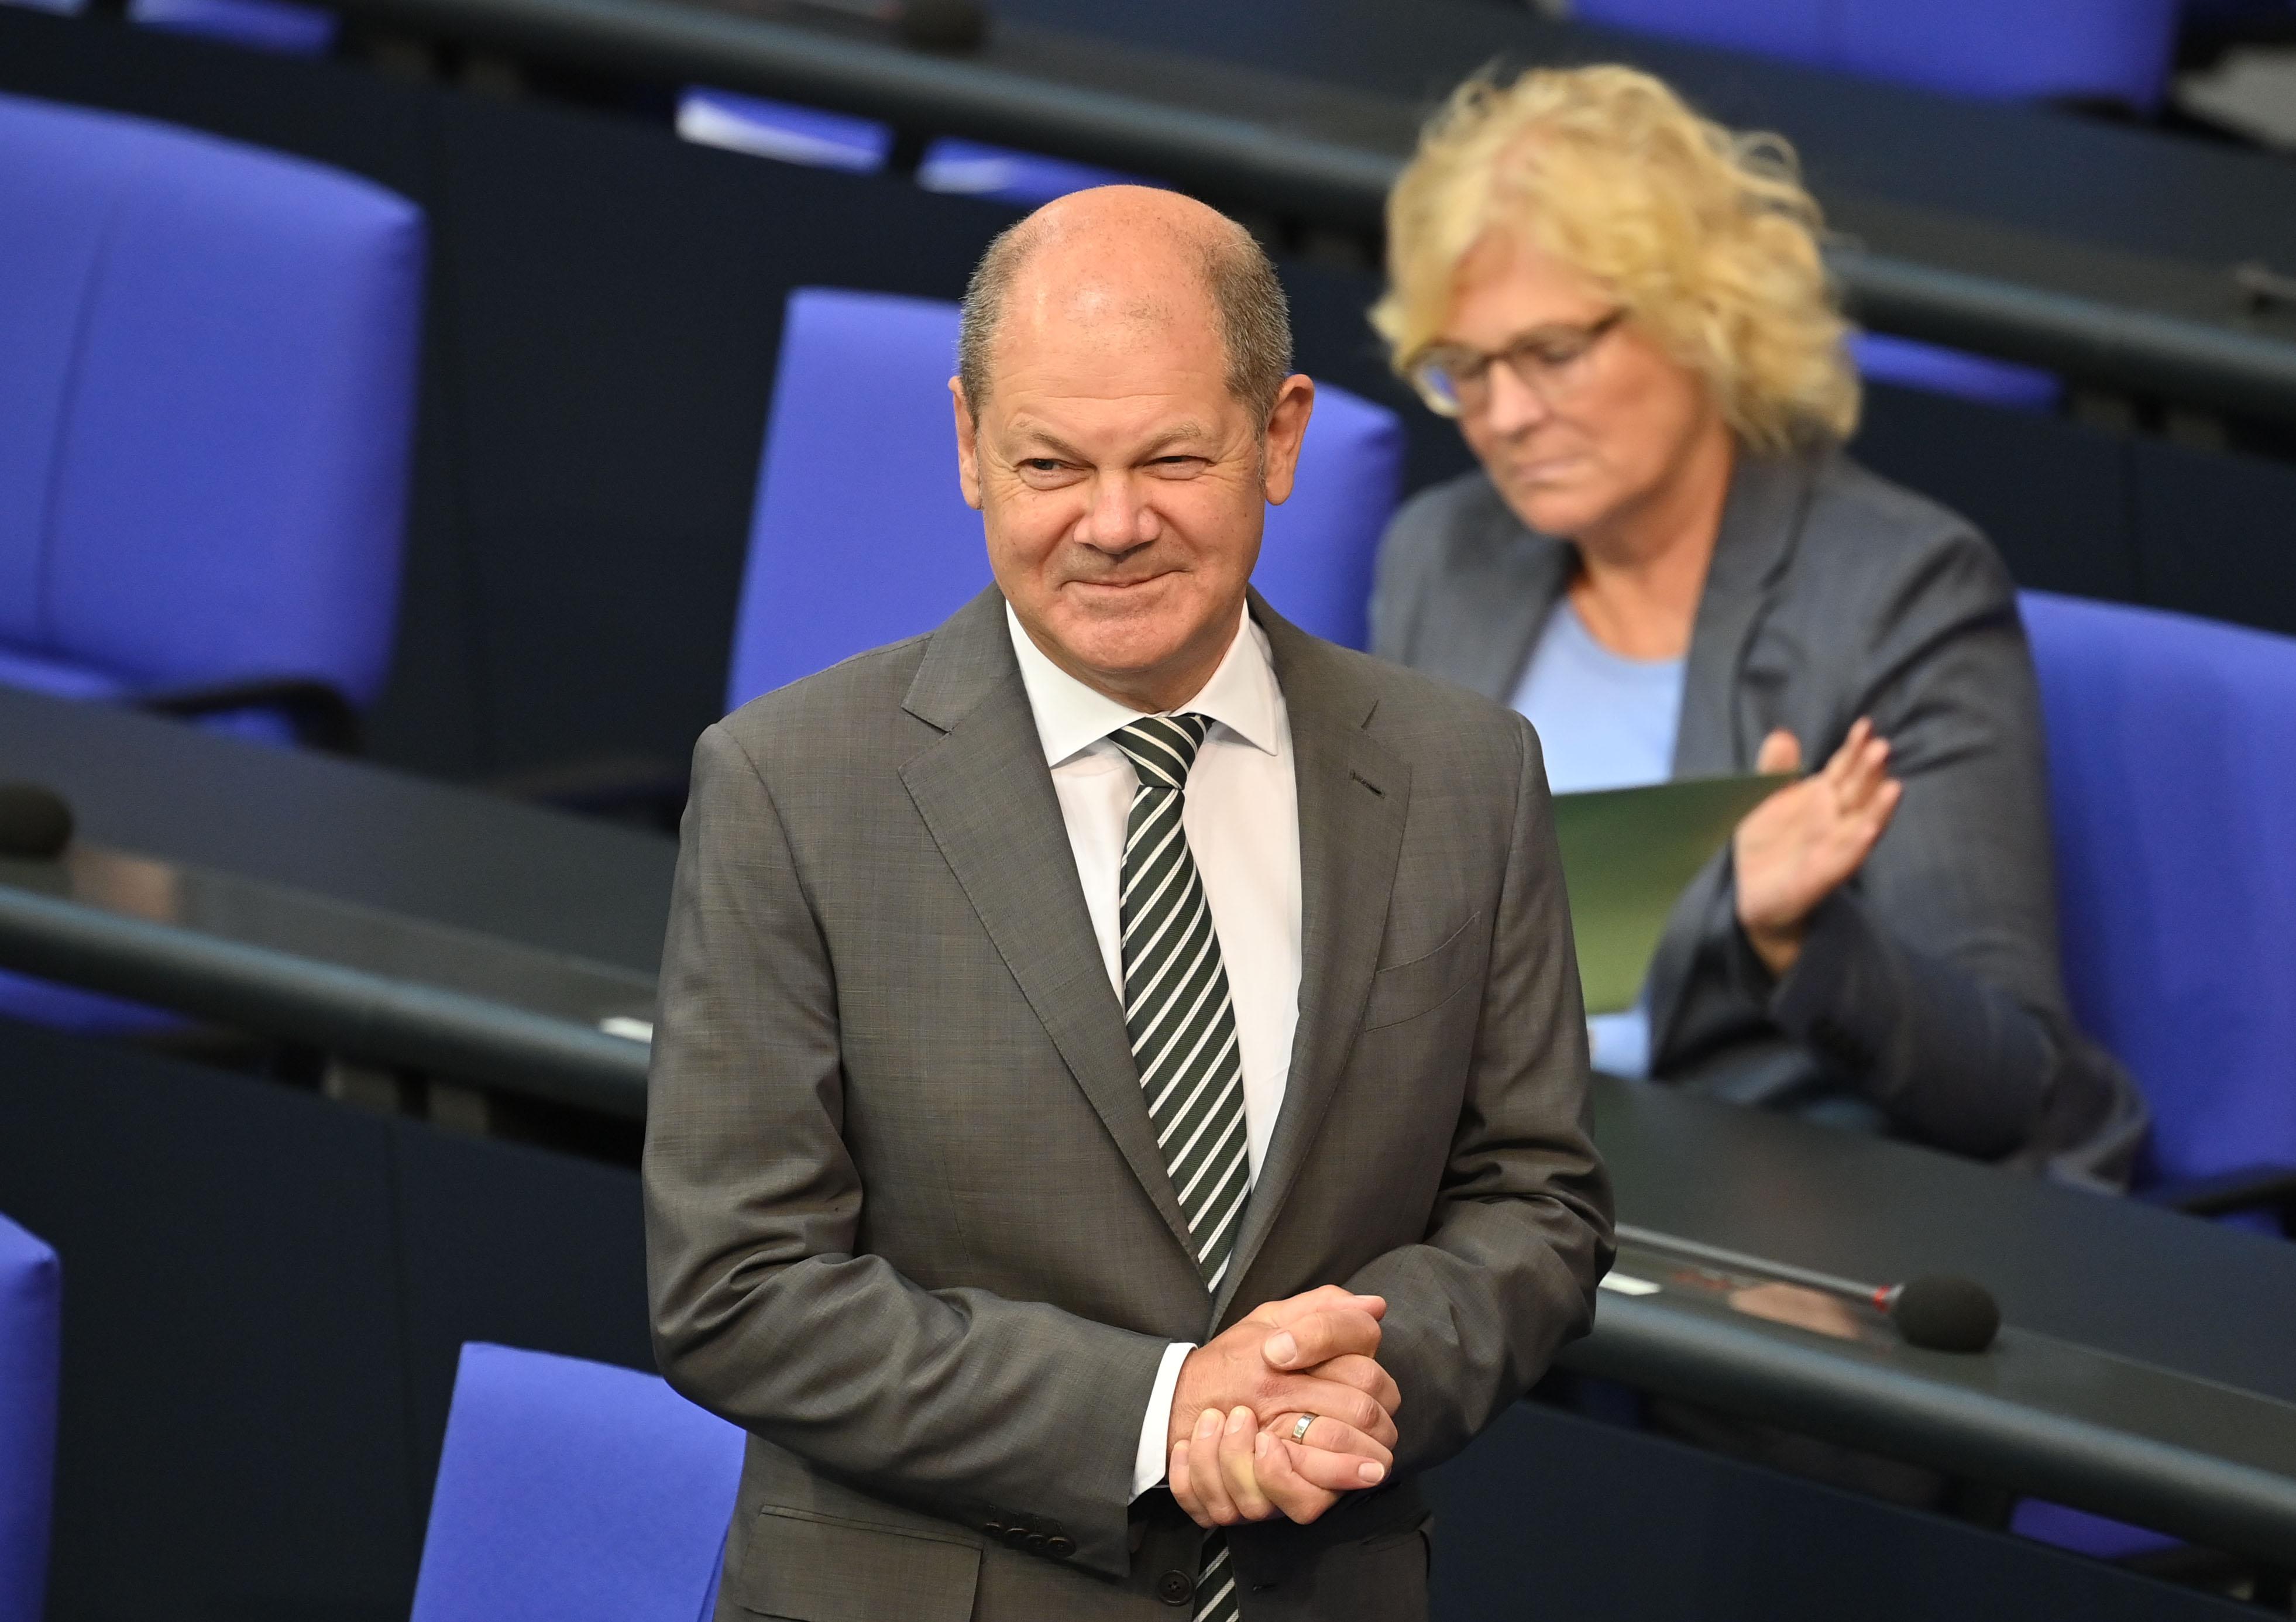 Olaf Scholz lesz jövőre a német szociáldemokraták kancellárjelöltje